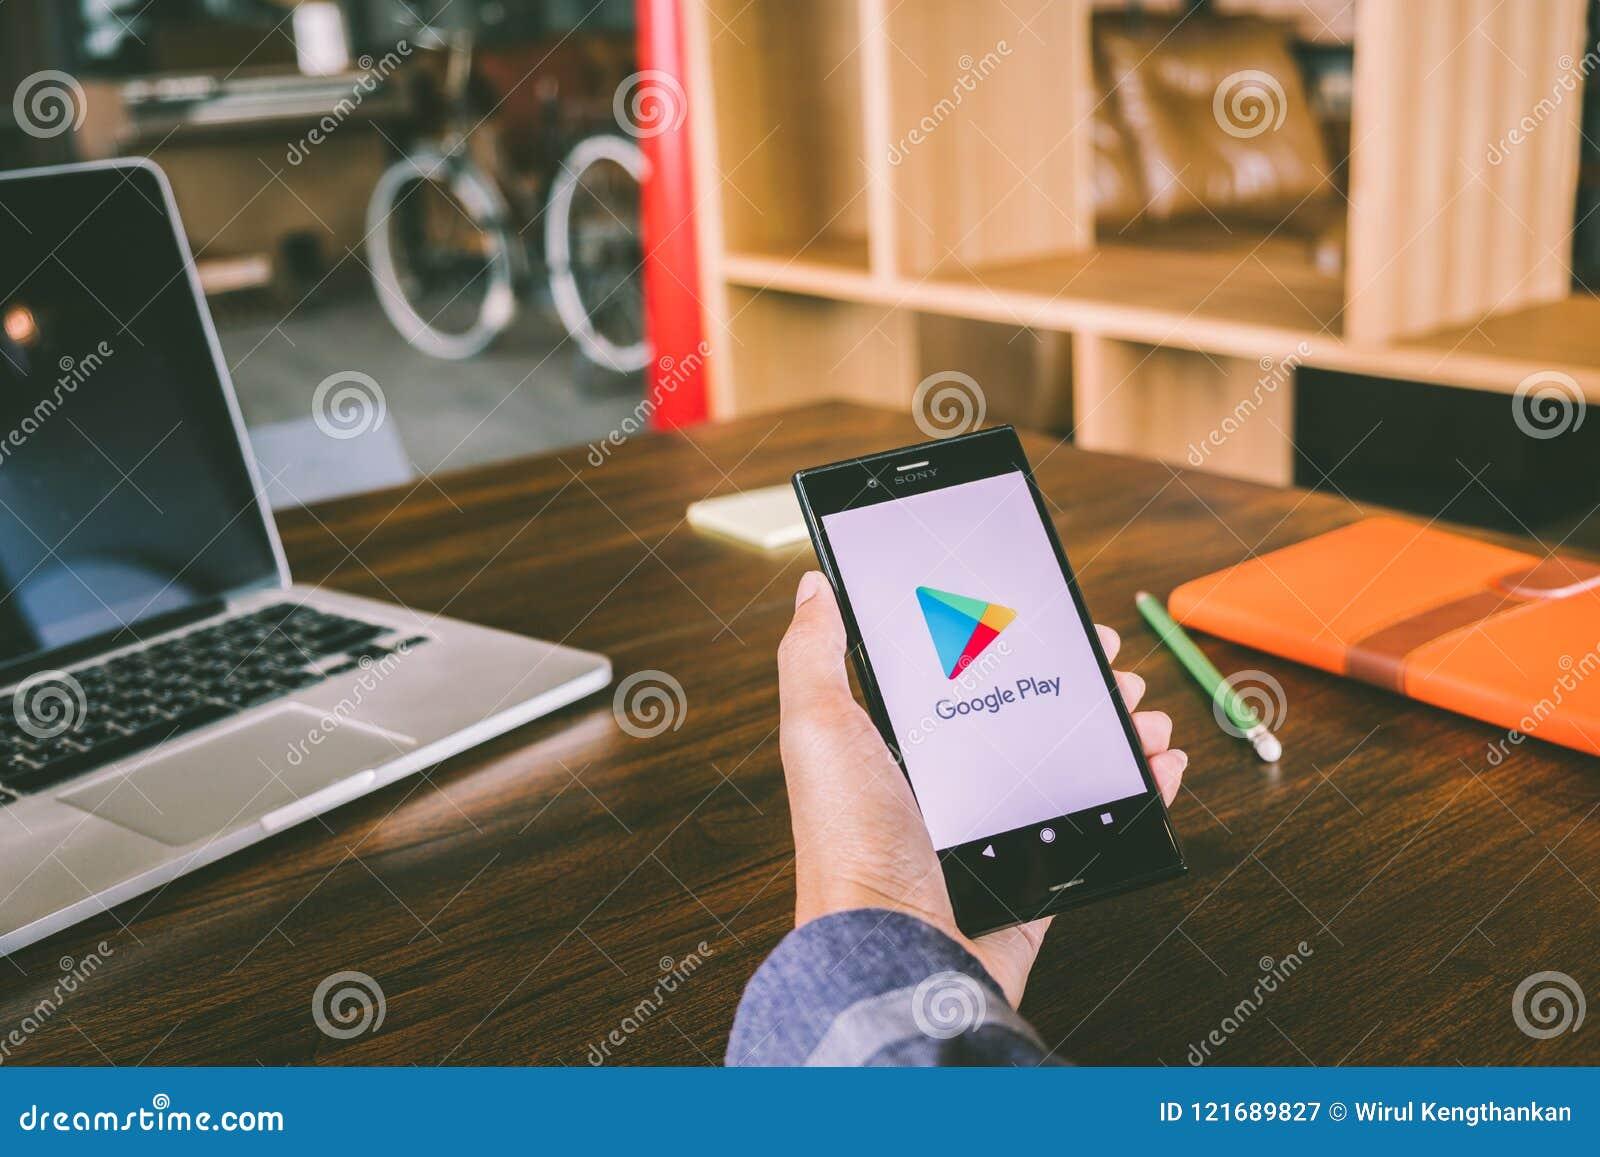 ЧИАНГМАЙ, ТАИЛАНД - 7,2018 -го июль: Человек держит мобильный телефон используя